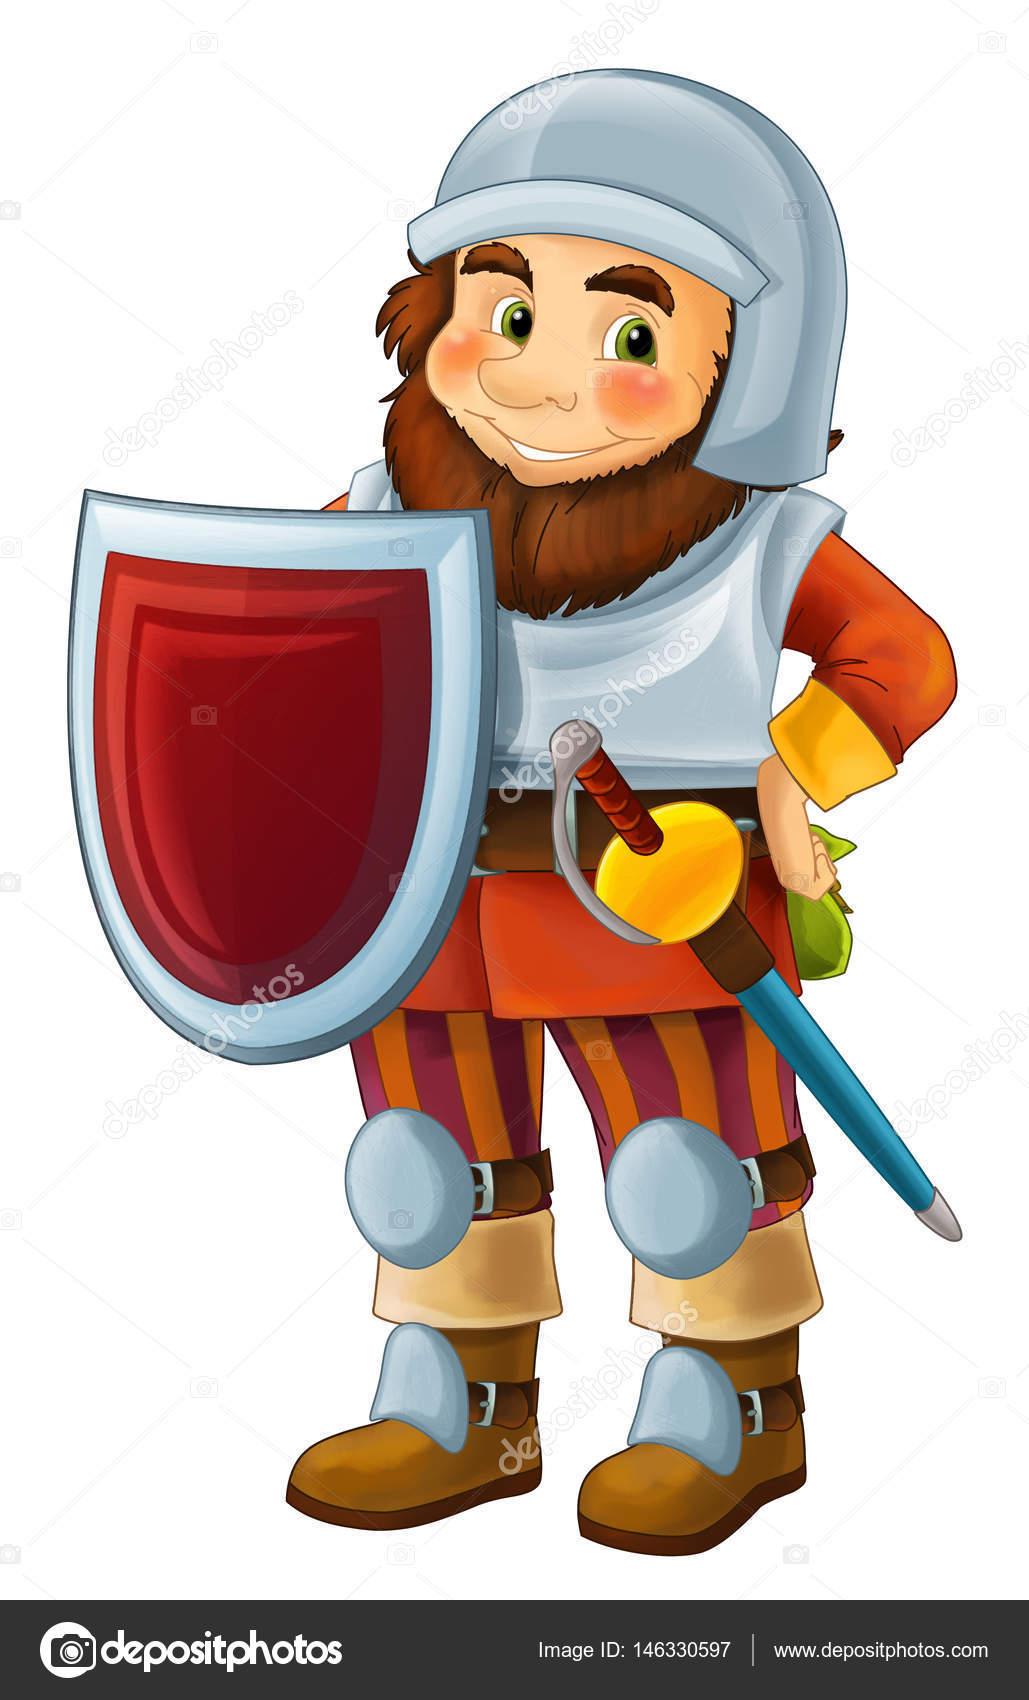 Warrior clipart guerrero. Transparent png free download